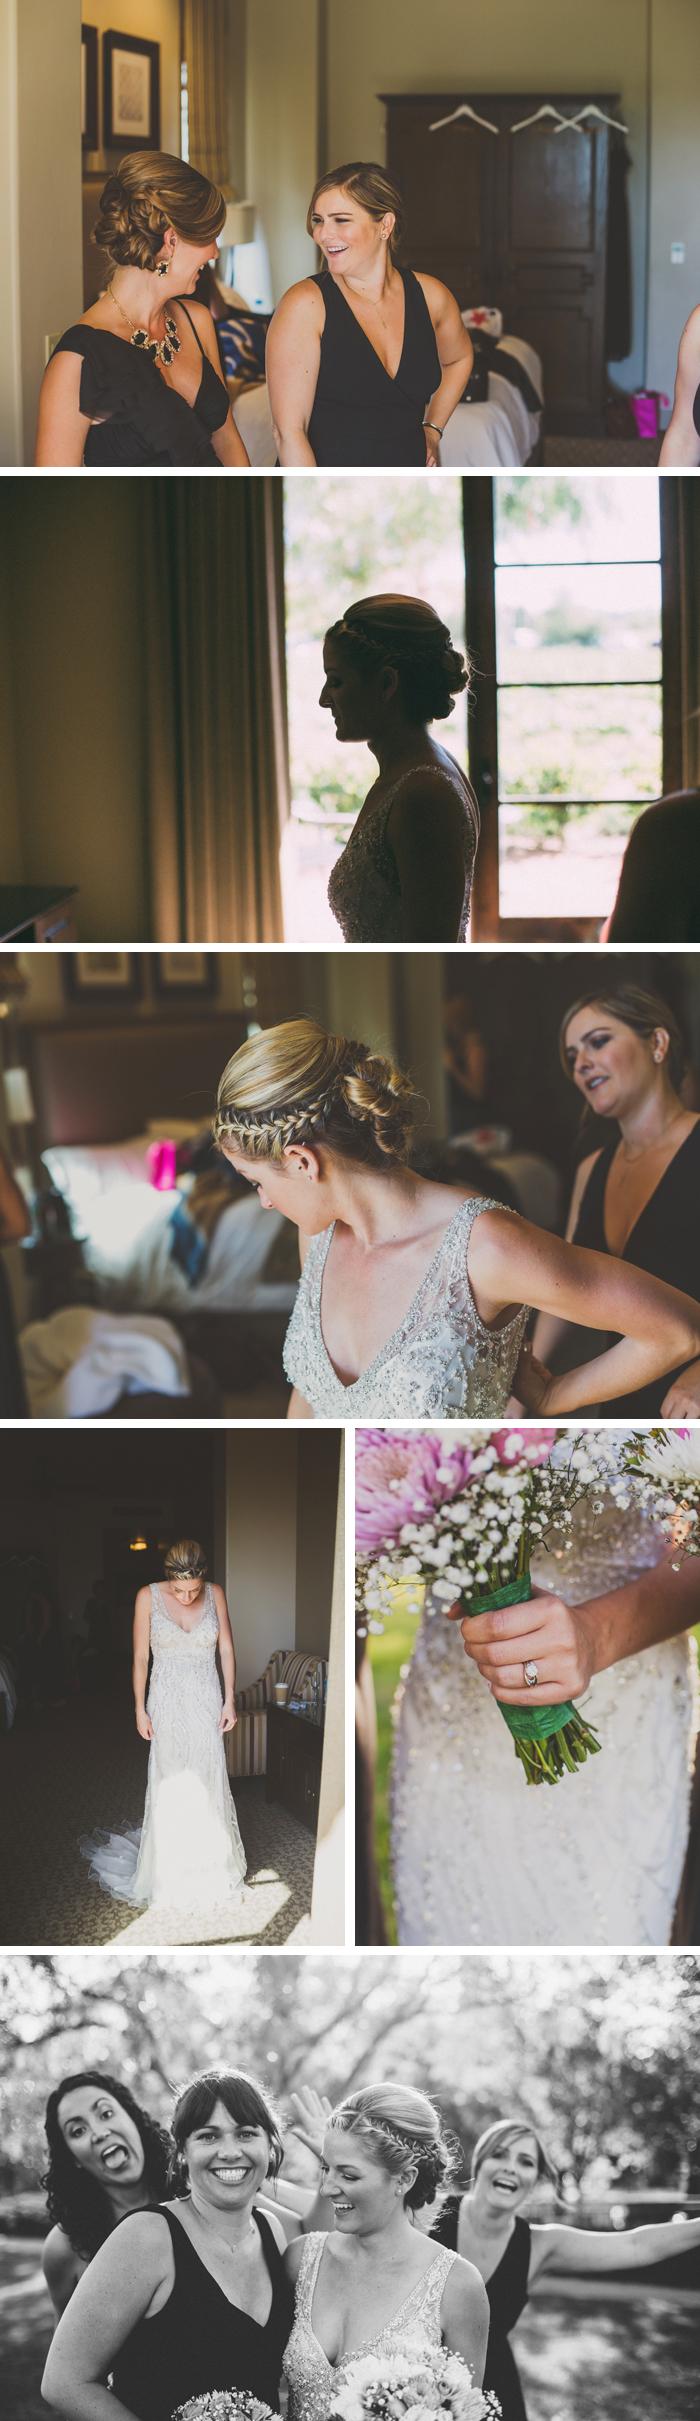 Harveston Lake Wedding